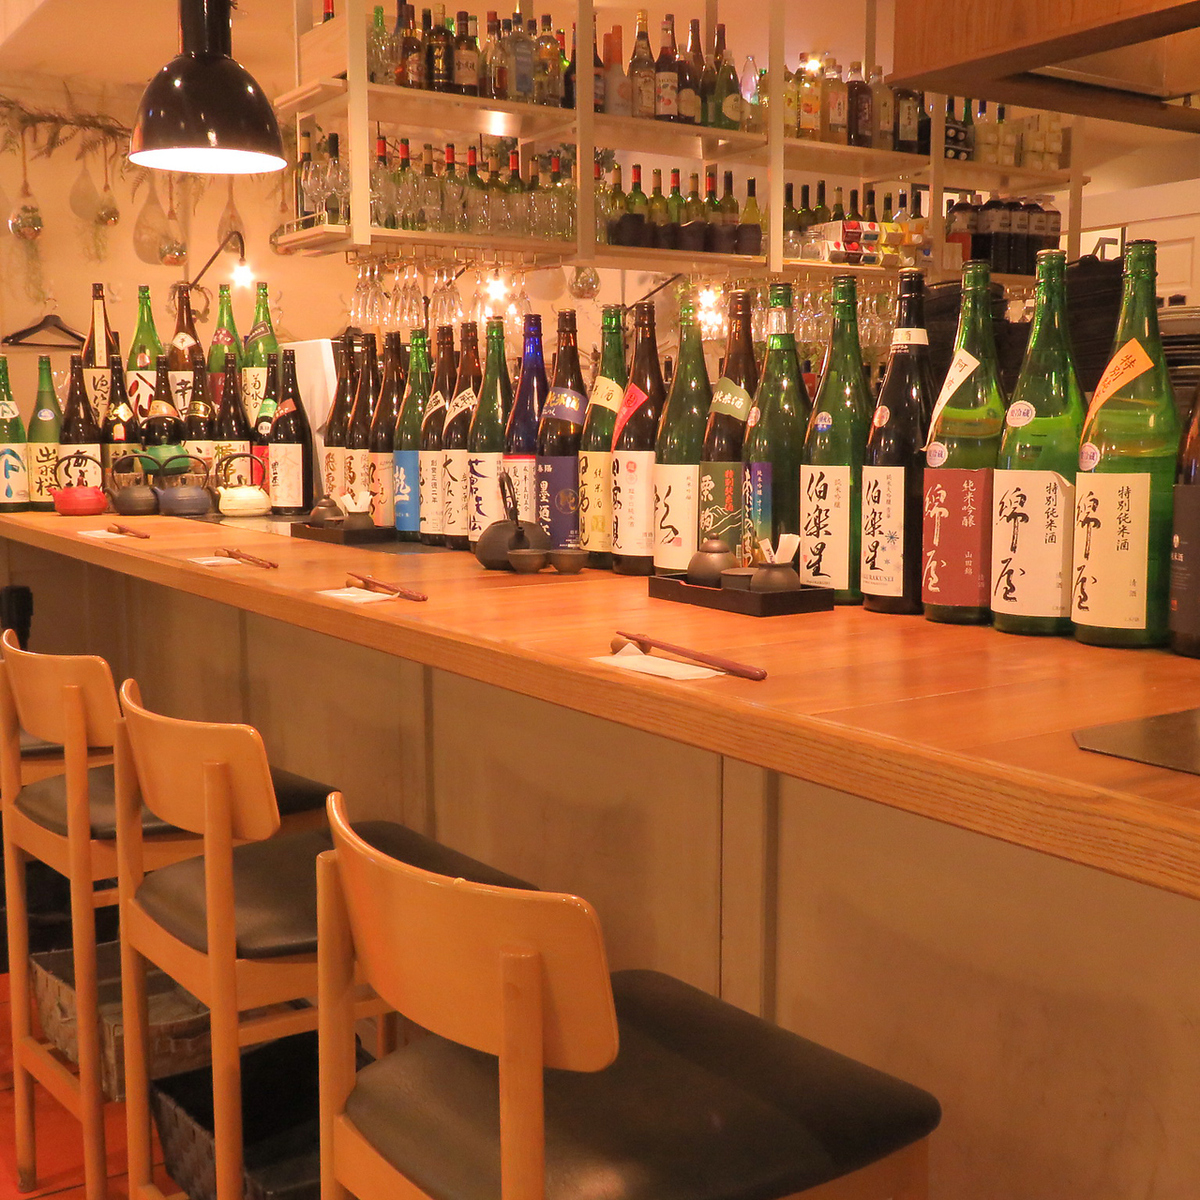 """【一个人可以享受的柜台座位】PARCO 2的GocchoSun(Petch girl)也有一个人可以享用的柜台座位!使用季节性时令食材,日式和西式料理您想在我们的商店工作结束时享用一杯光,让您感到愉快吗?因为""""品牌清酒""""适合美味的菜肴变化,每月品牌会有所变化,所以请期待它!"""